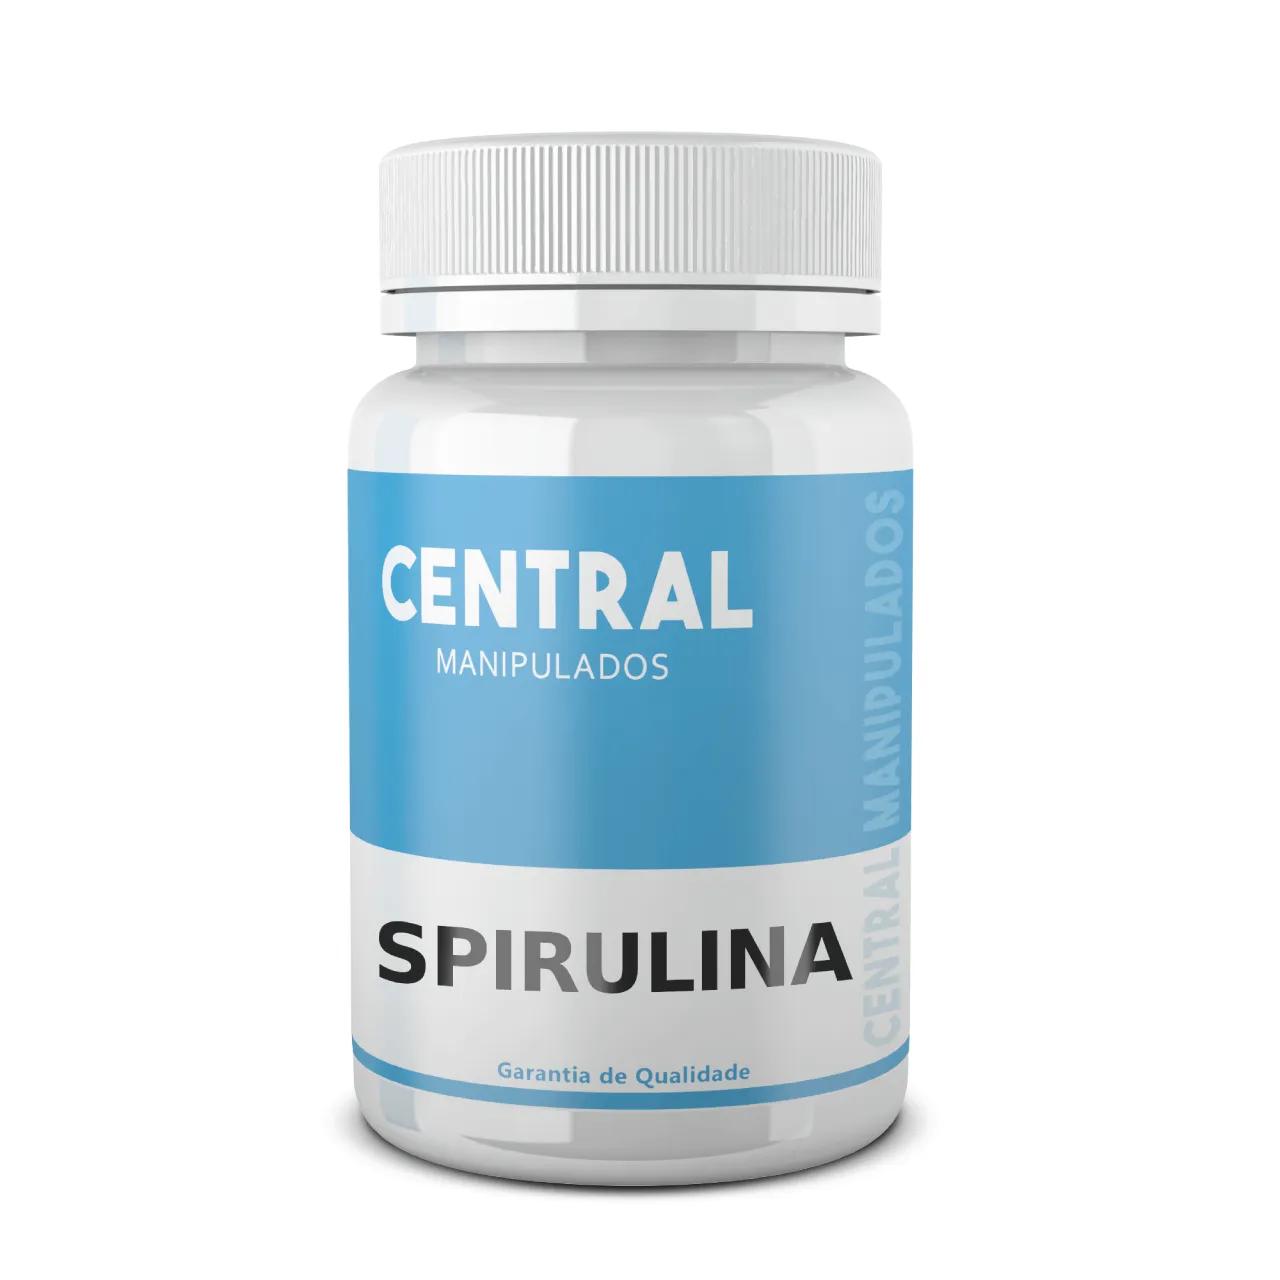 Spirulina 500mg - 120 cápsulas - Inibidor de Apetite, Promove saciação, Melhora a saúde digestiva e gastrintestinal, Fortalece imunidade